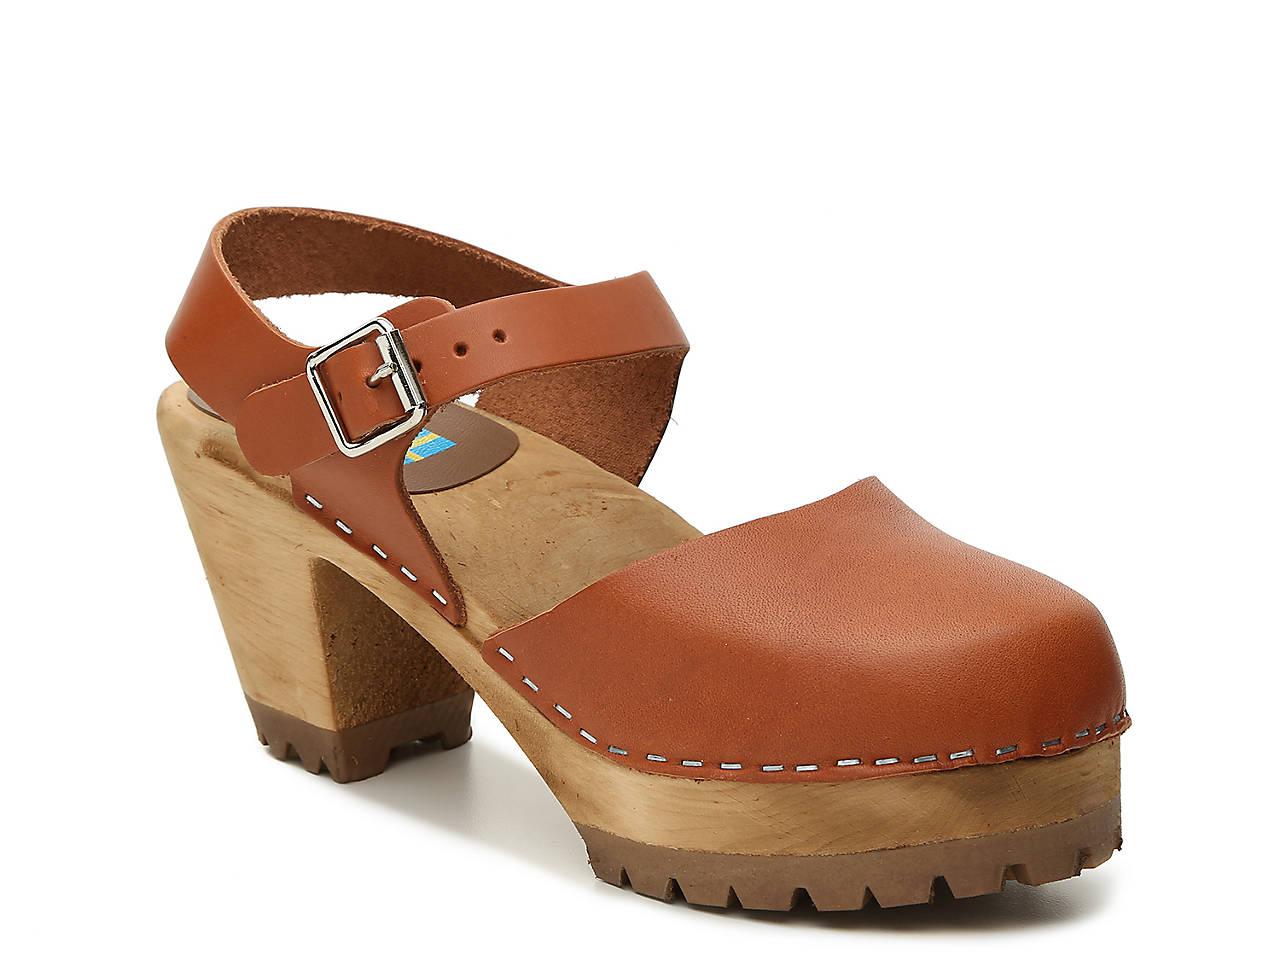 20a8e0b0523 Mia Abba Platform Sandal Women s Shoes